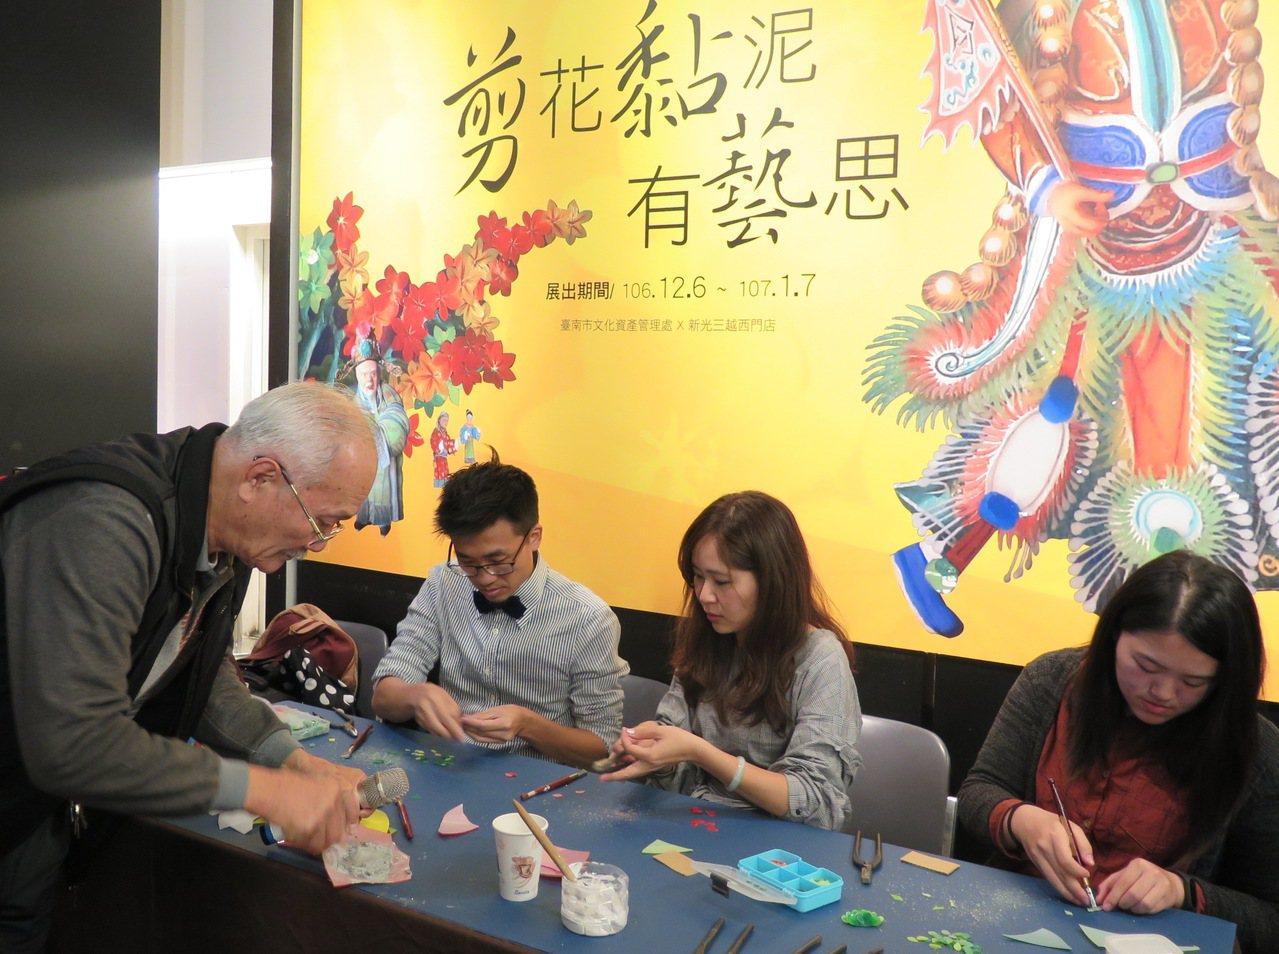 國寶級的古蹟修復「剪黏藝師」呂興貴(左)指導門徒剪黏手藝。 圖/新光三越提供